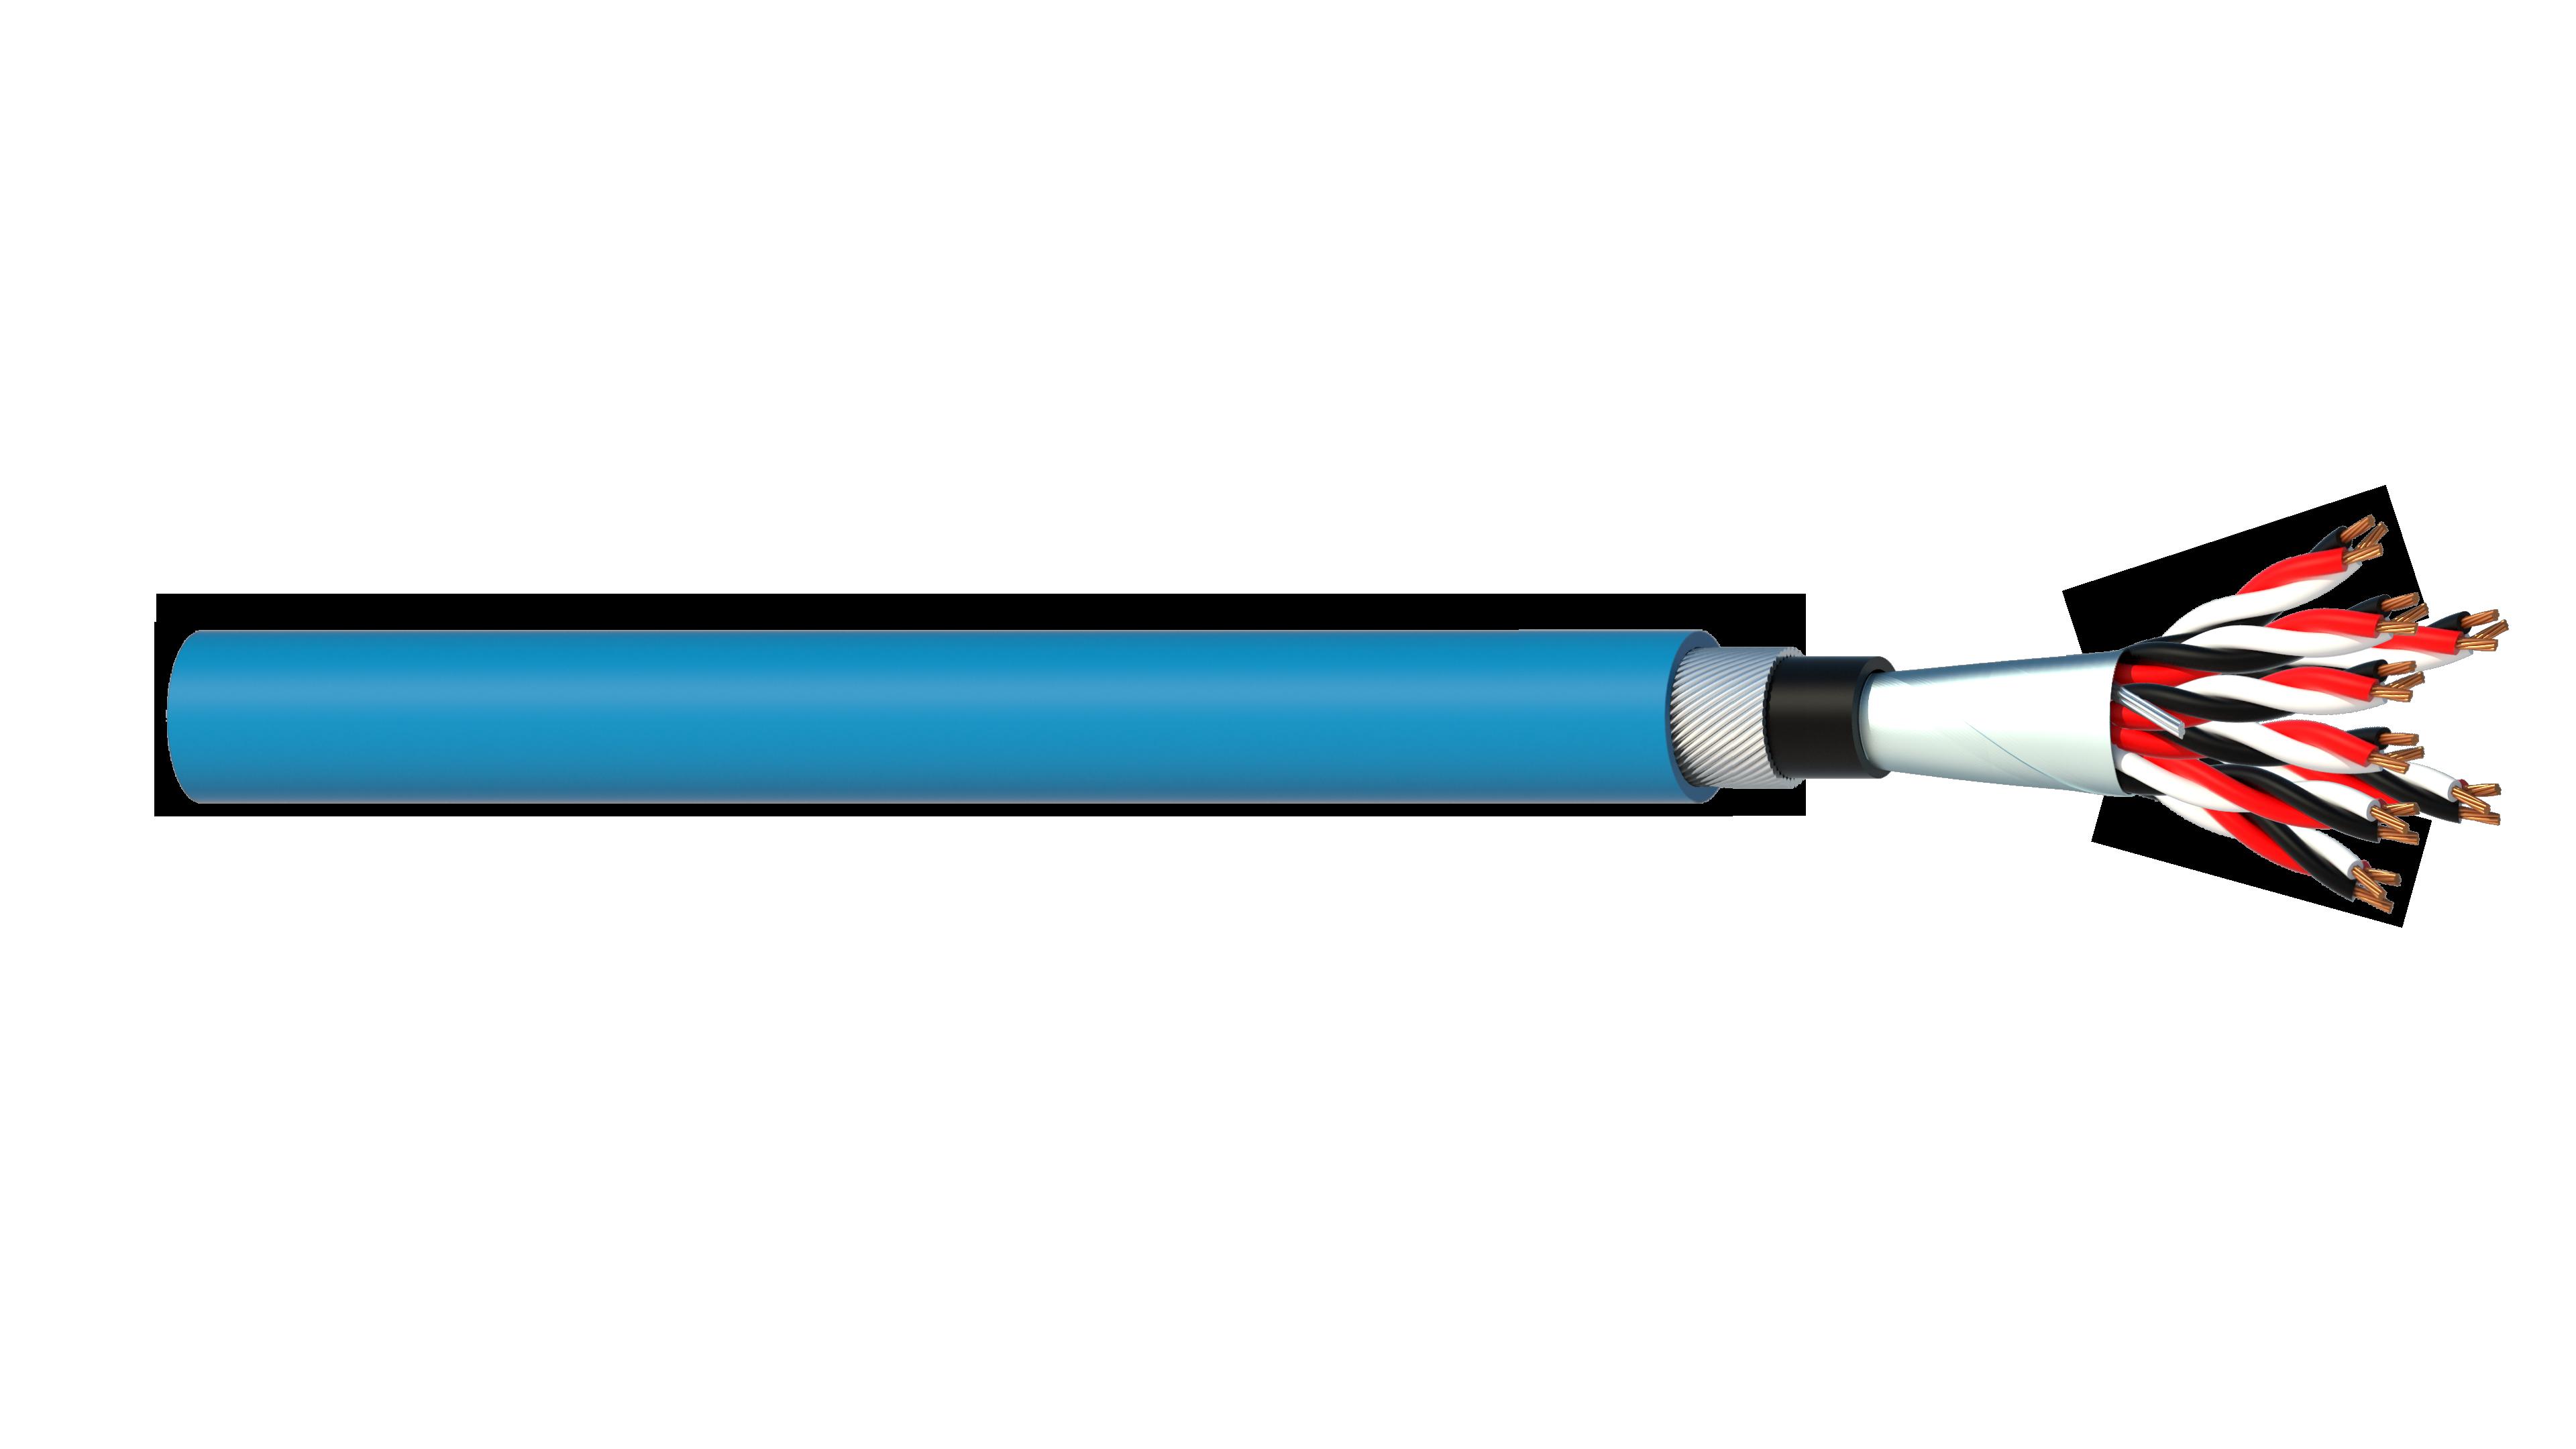 8 Triad 0.5mm2 Cu/PVC/OS/PVC/SWA/PVC Maser Instrumentation Cable - Blue Sheath